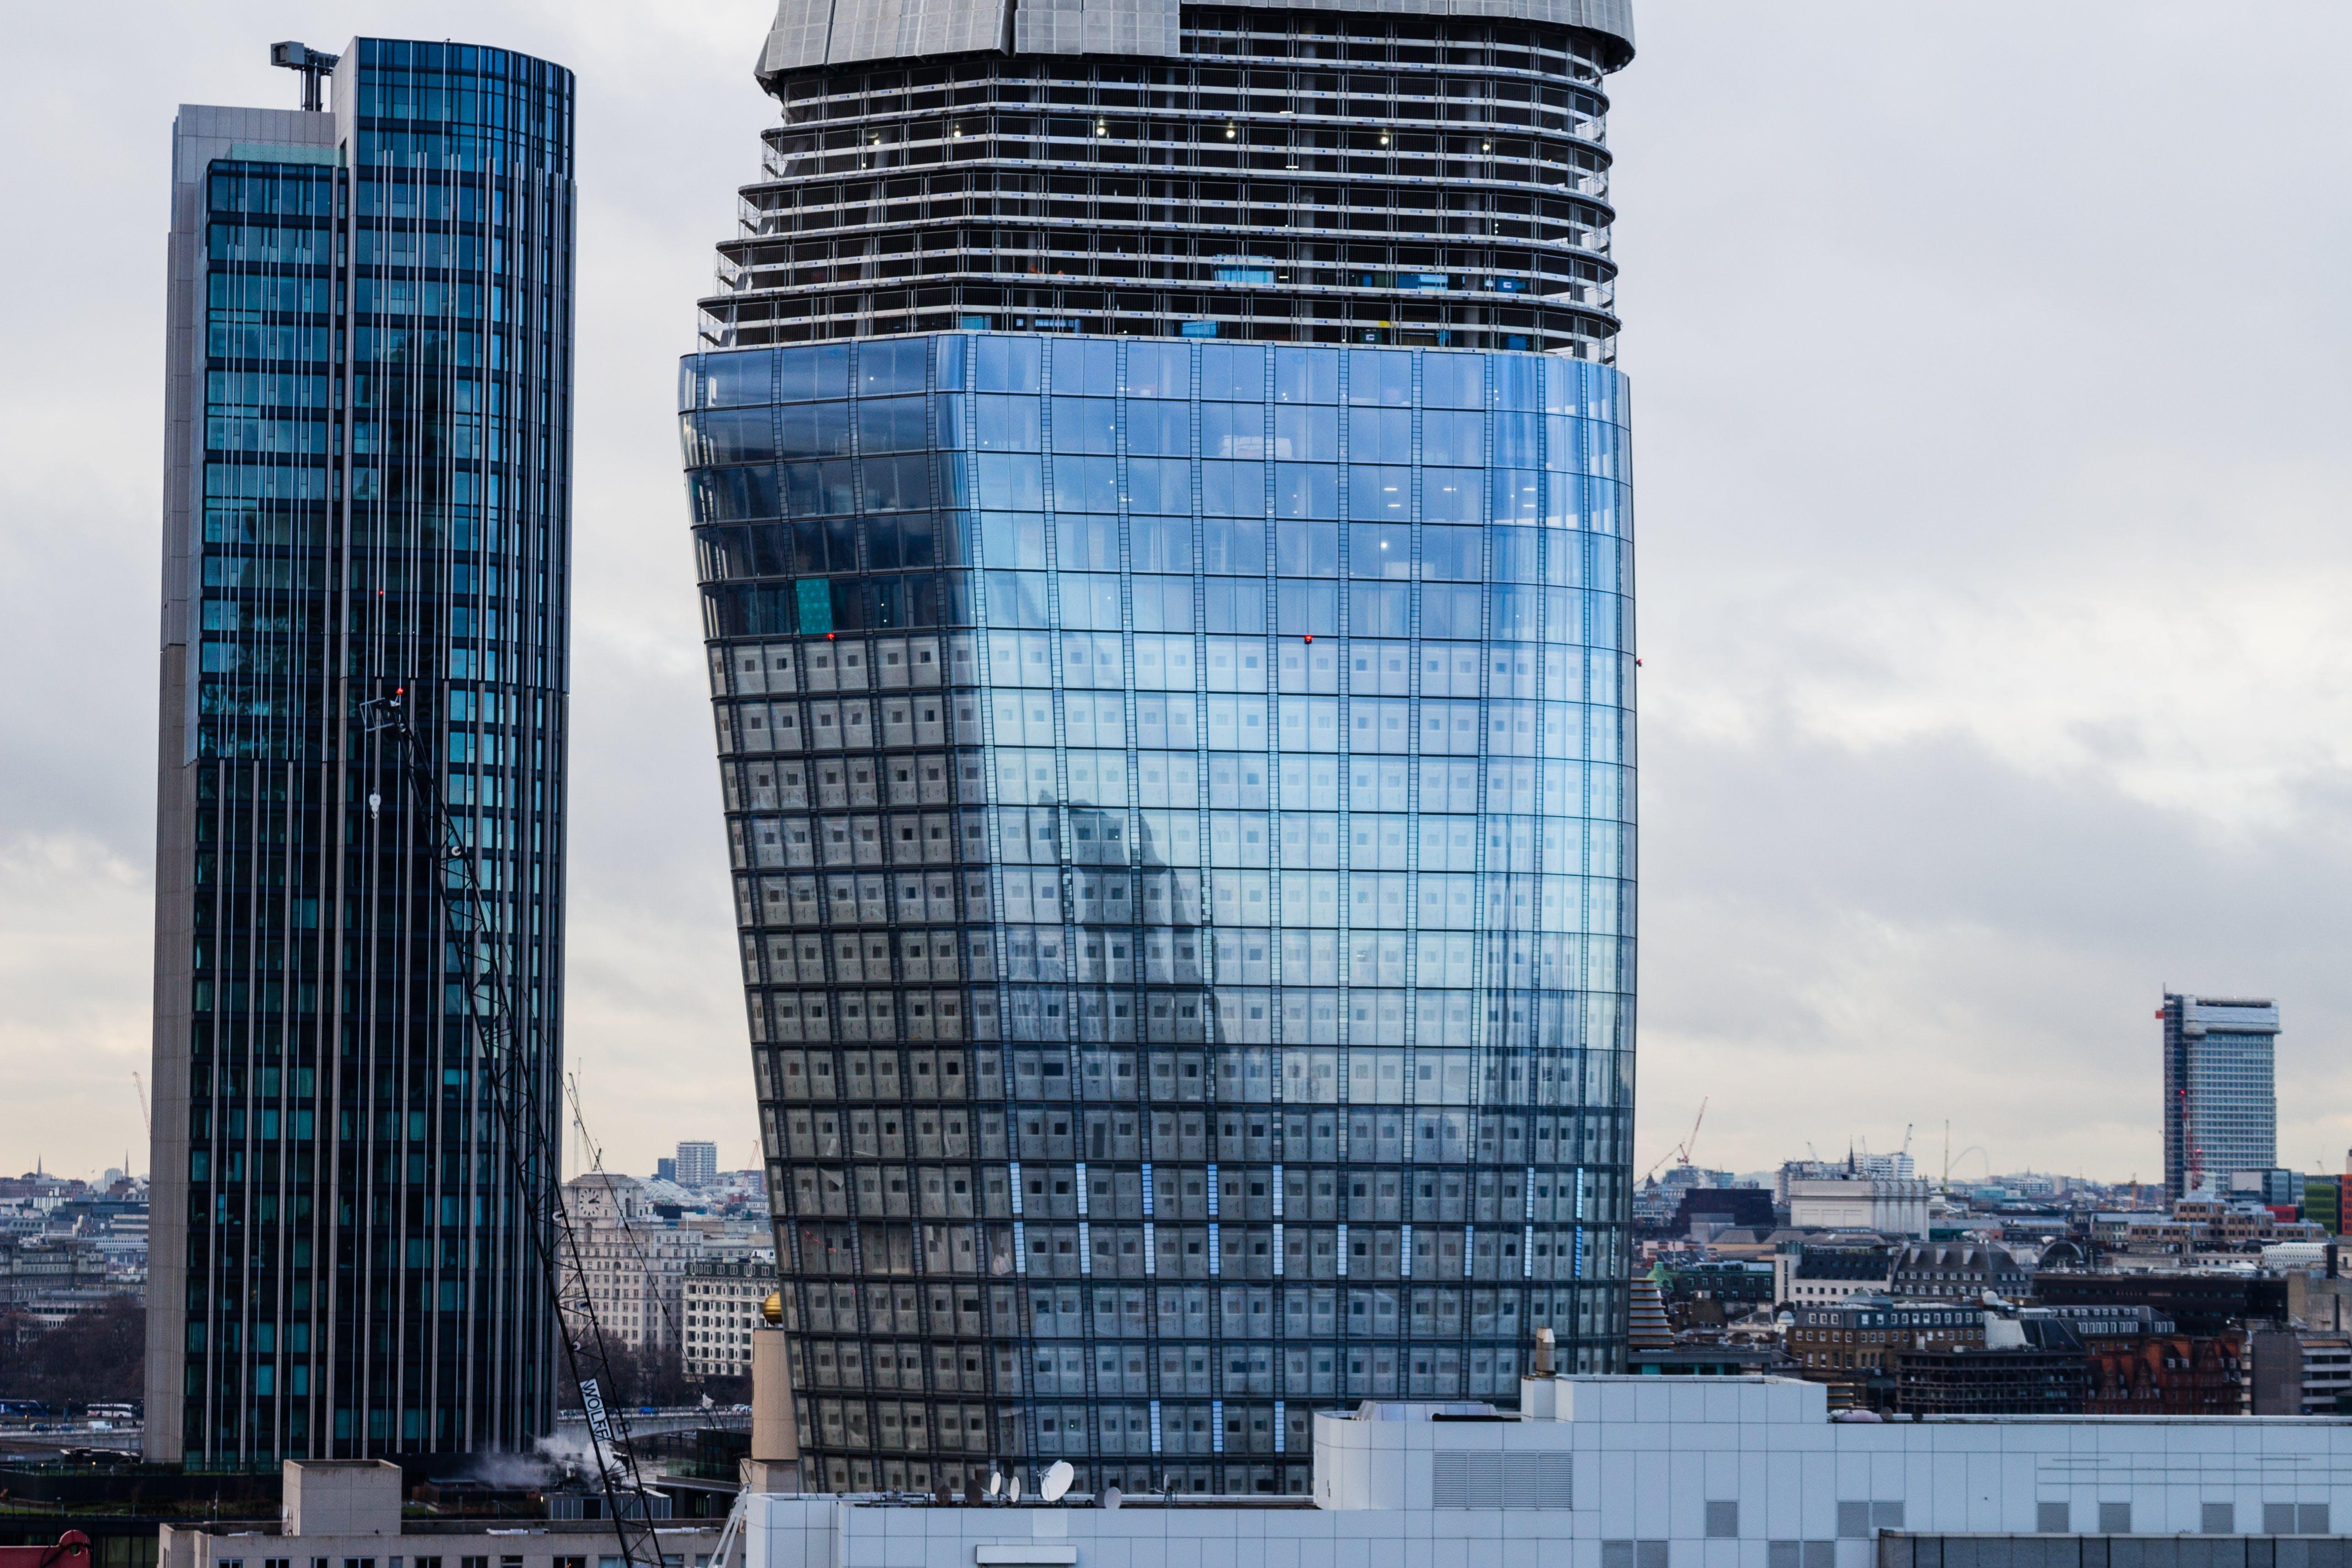 反射, 城市, 塔, 外觀 的 免費圖庫相片